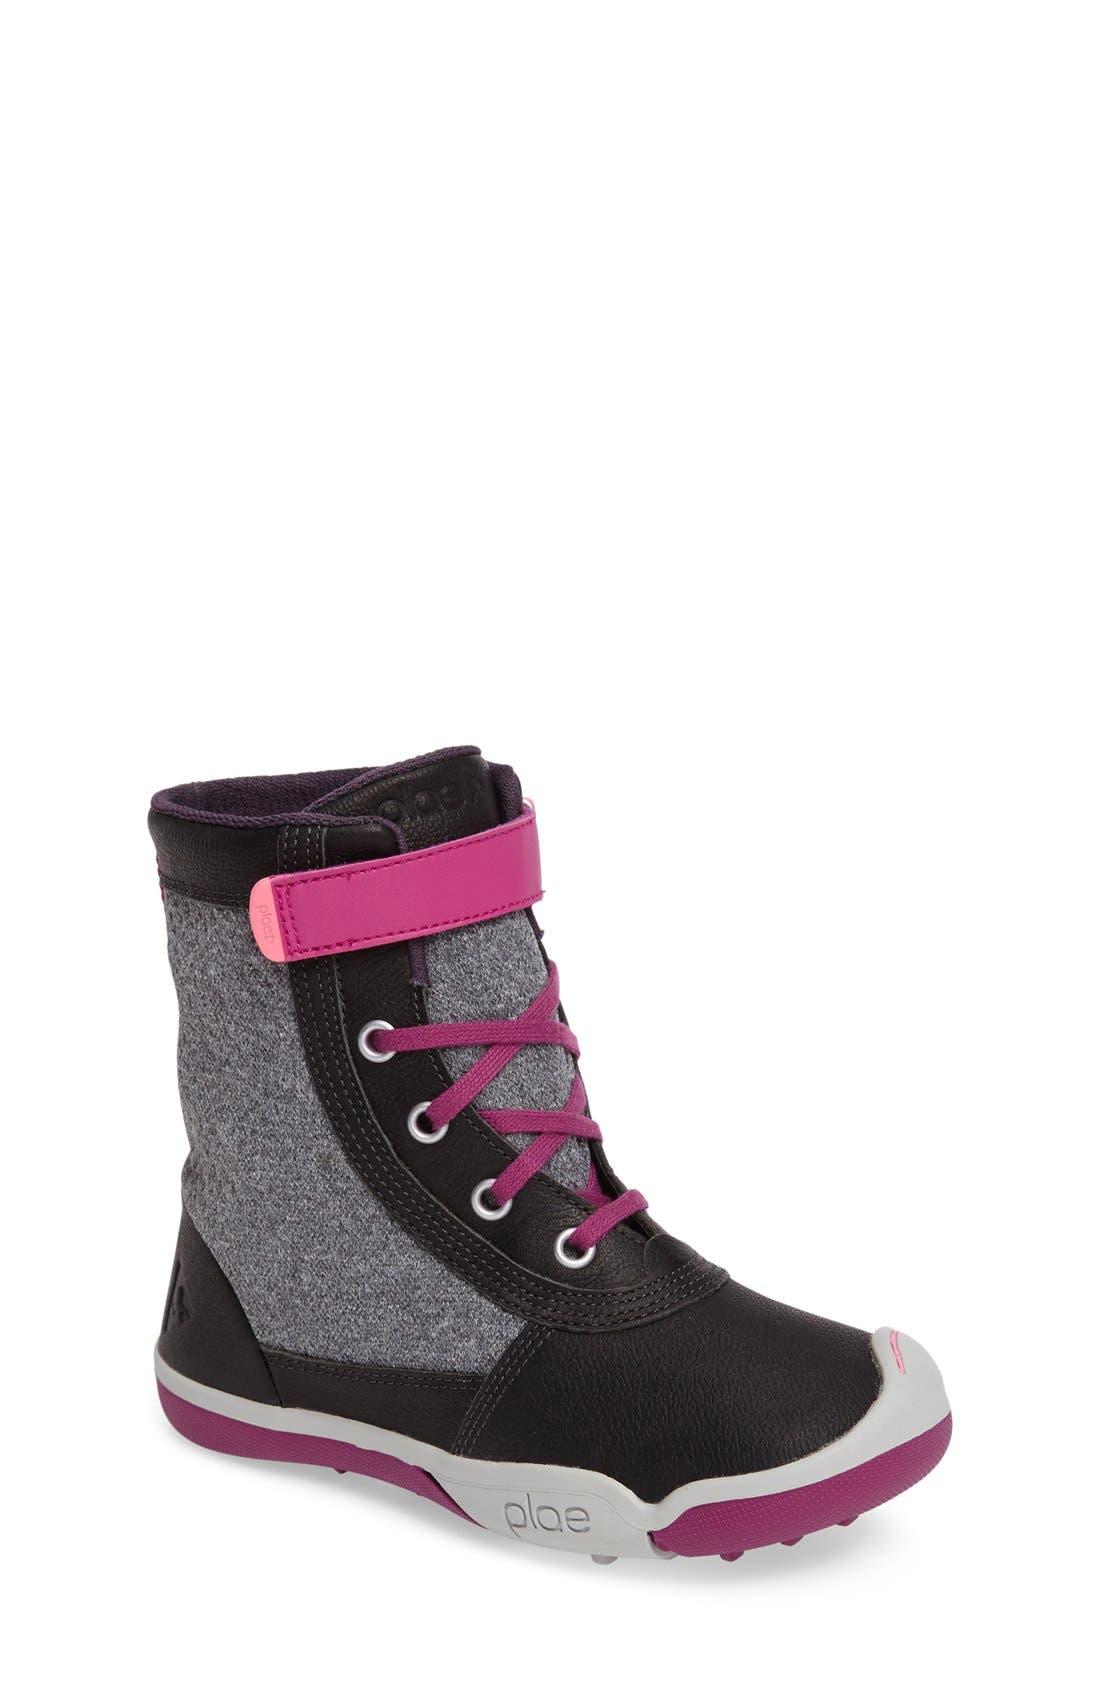 PLAE 'Noel Customiz' Boot (Toddler & Little Kid)